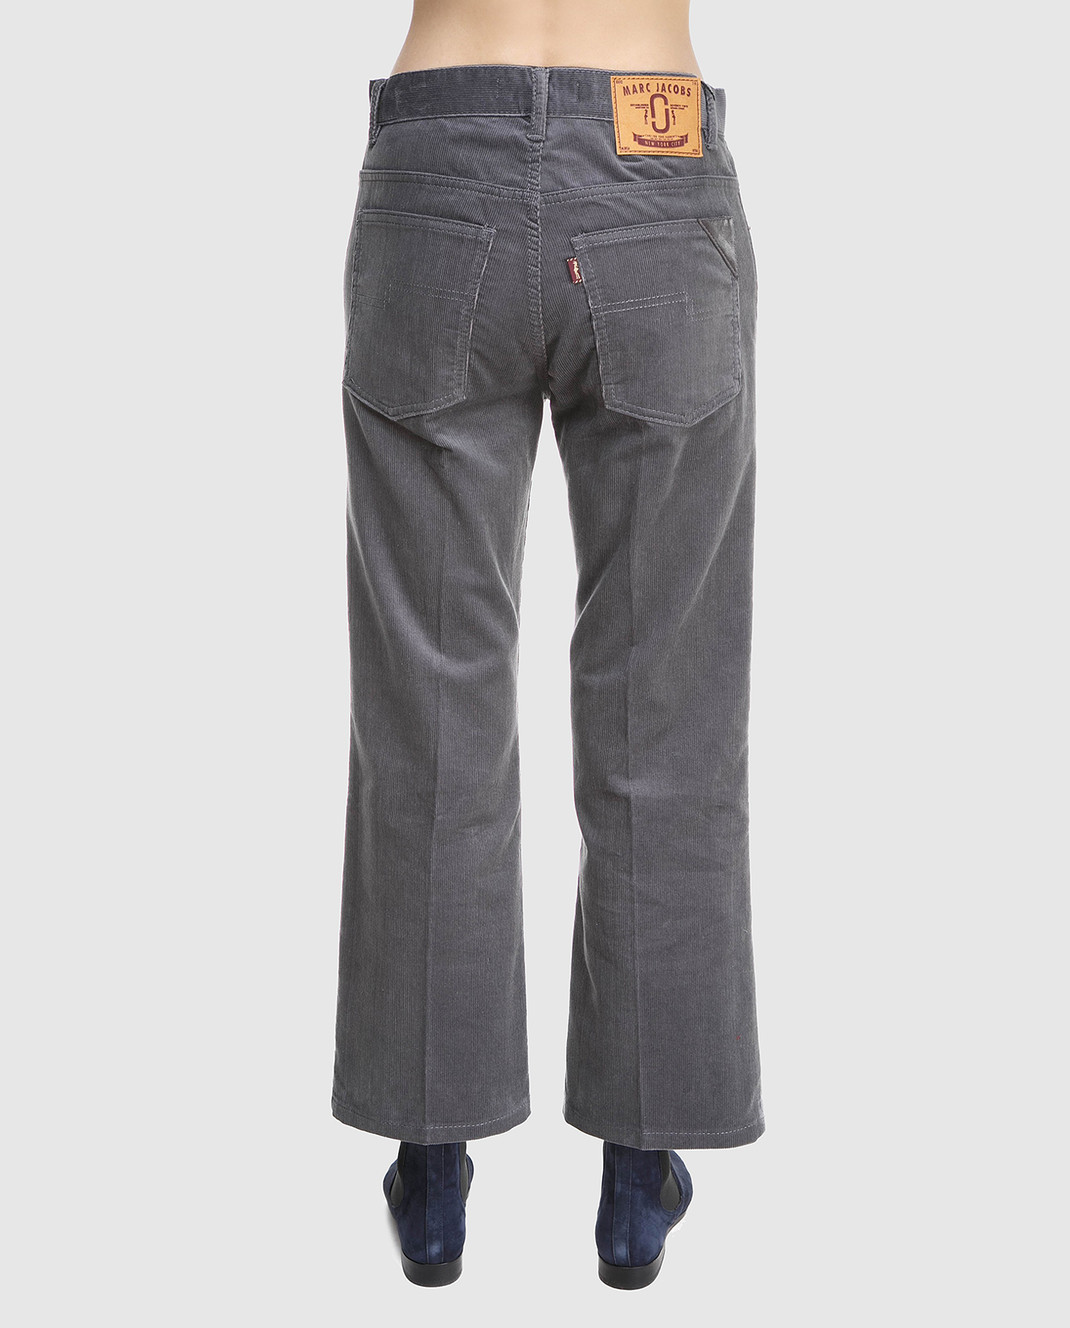 Marc Jacobs Серые вельветовые брюки M4007092 изображение 3